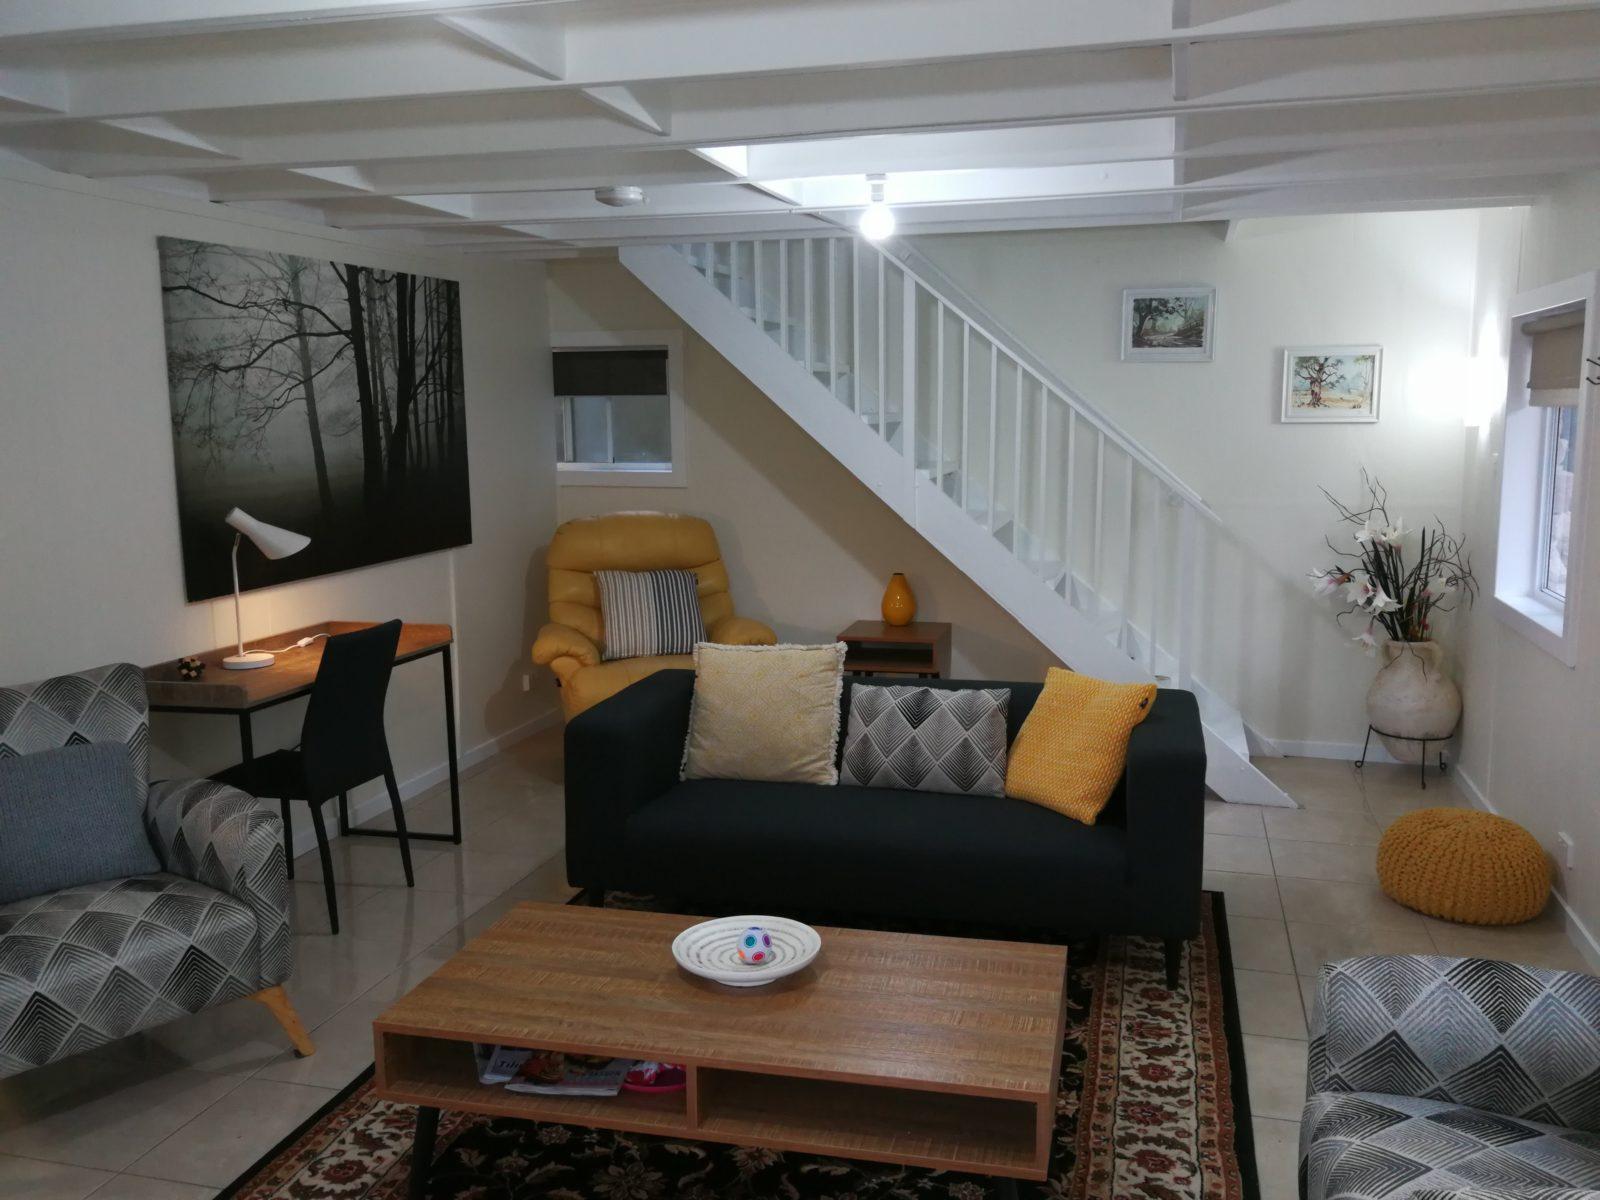 Wisteria - living room